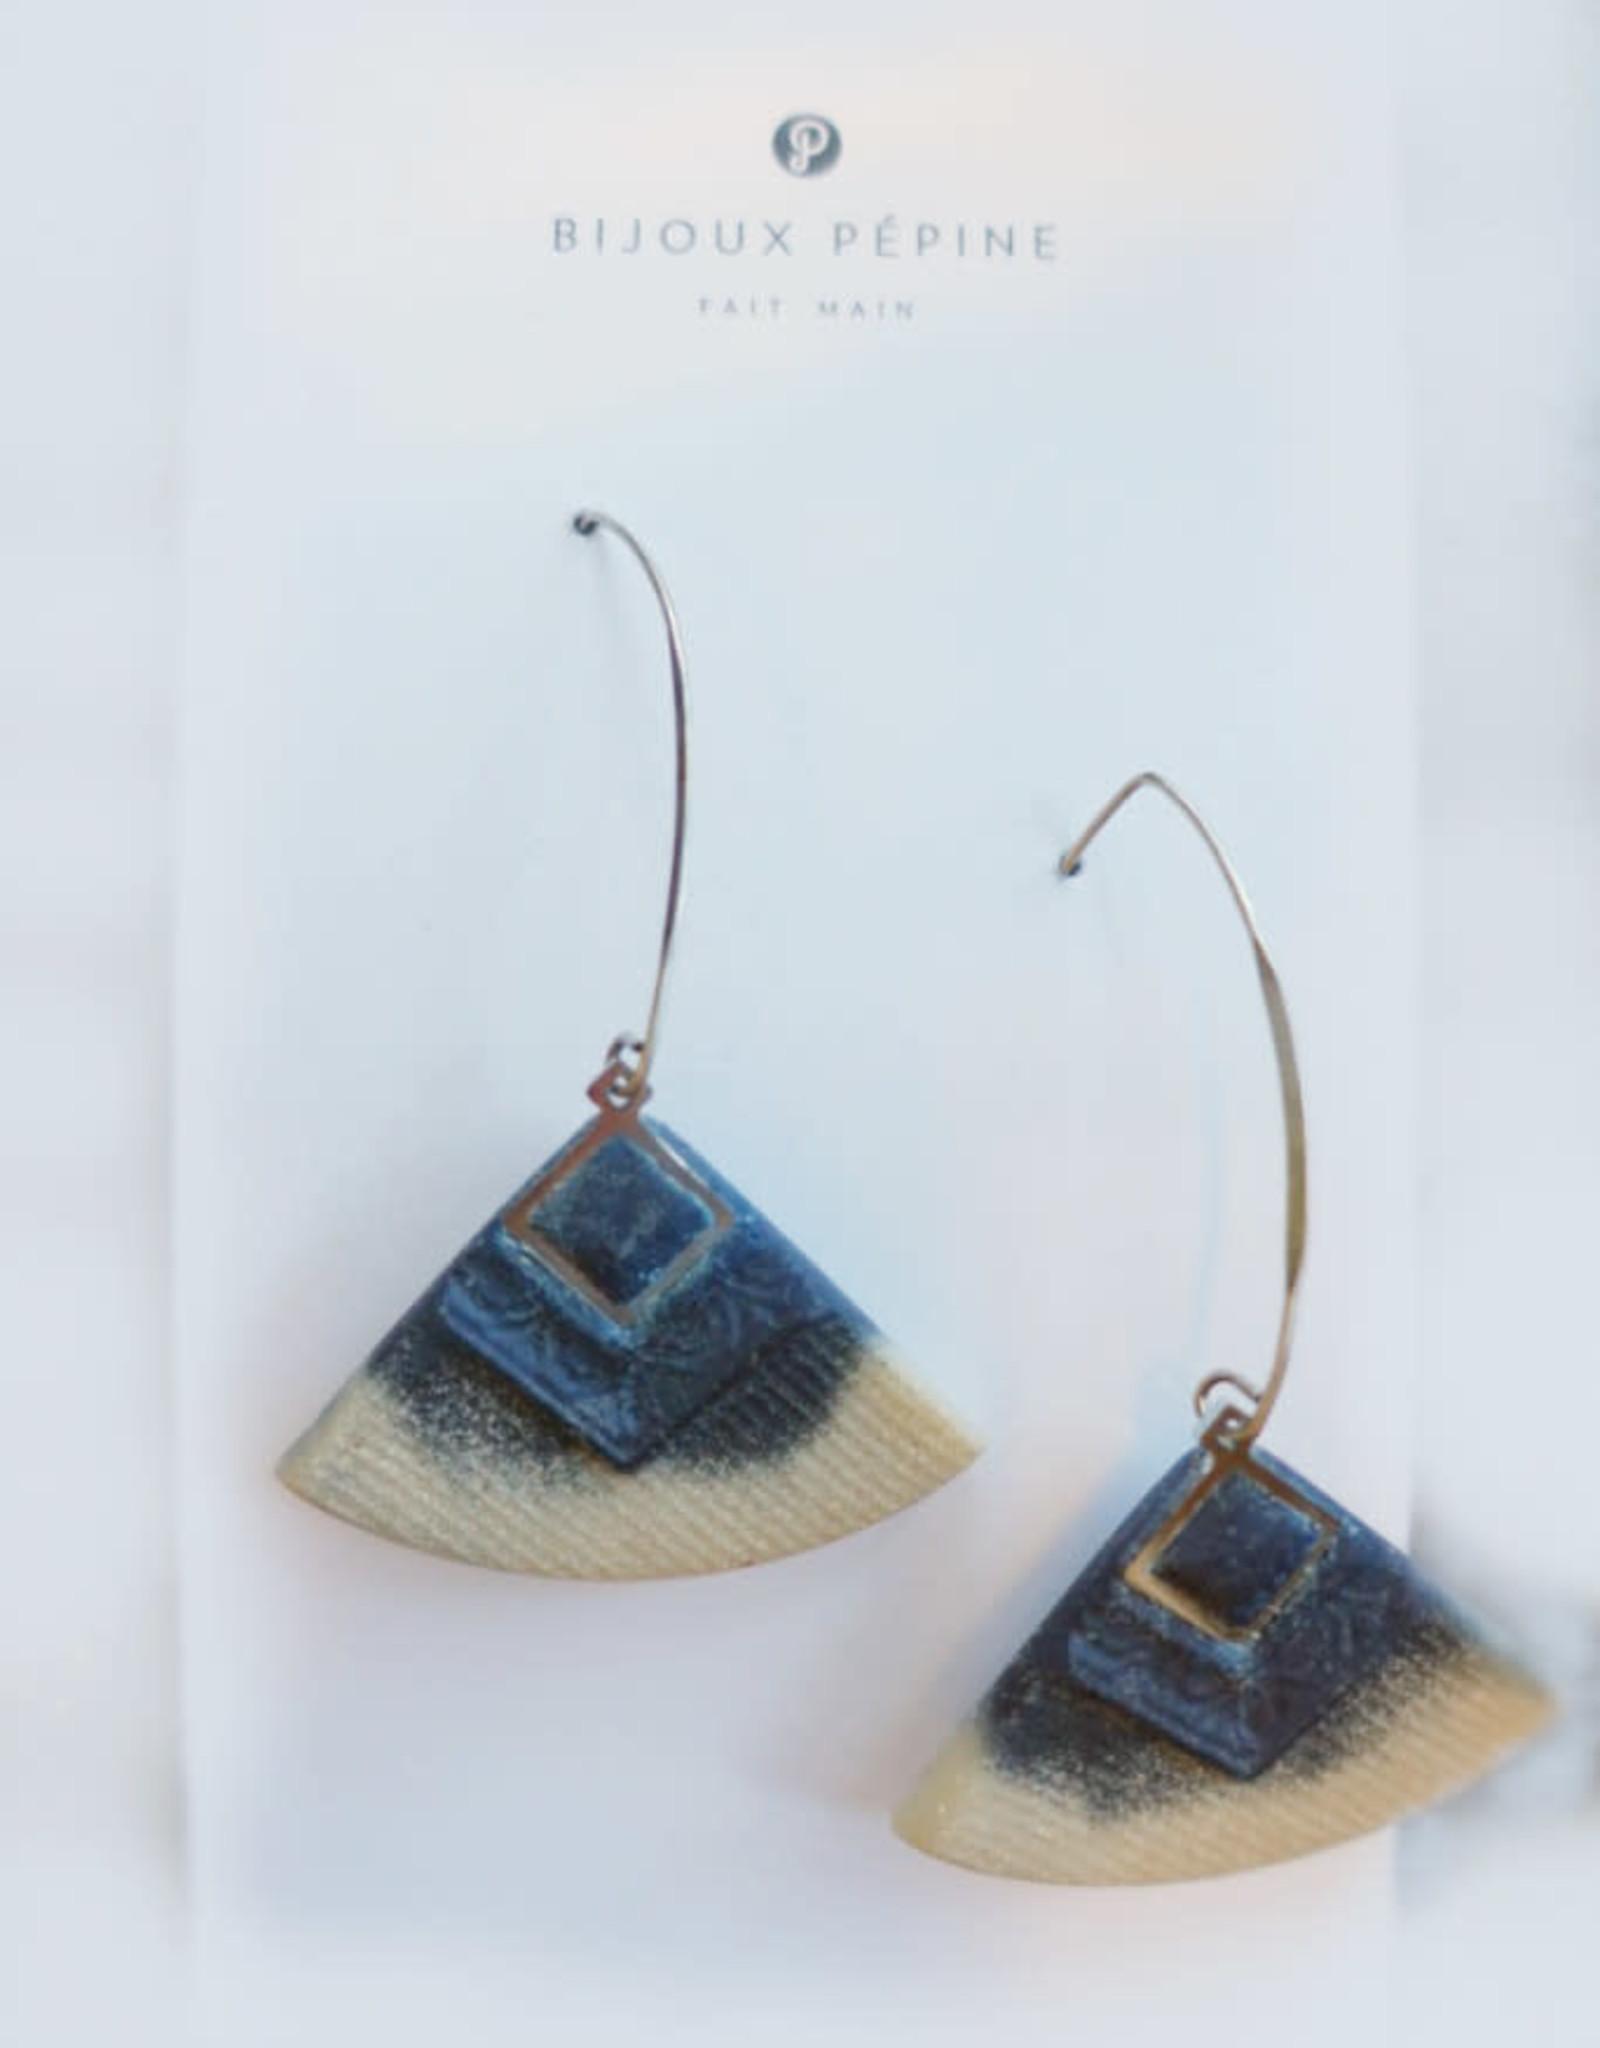 Bijoux Pepine Boucles d'oreilles Cléopâtre Bijoux Pépine Bleu Marine/ Beige